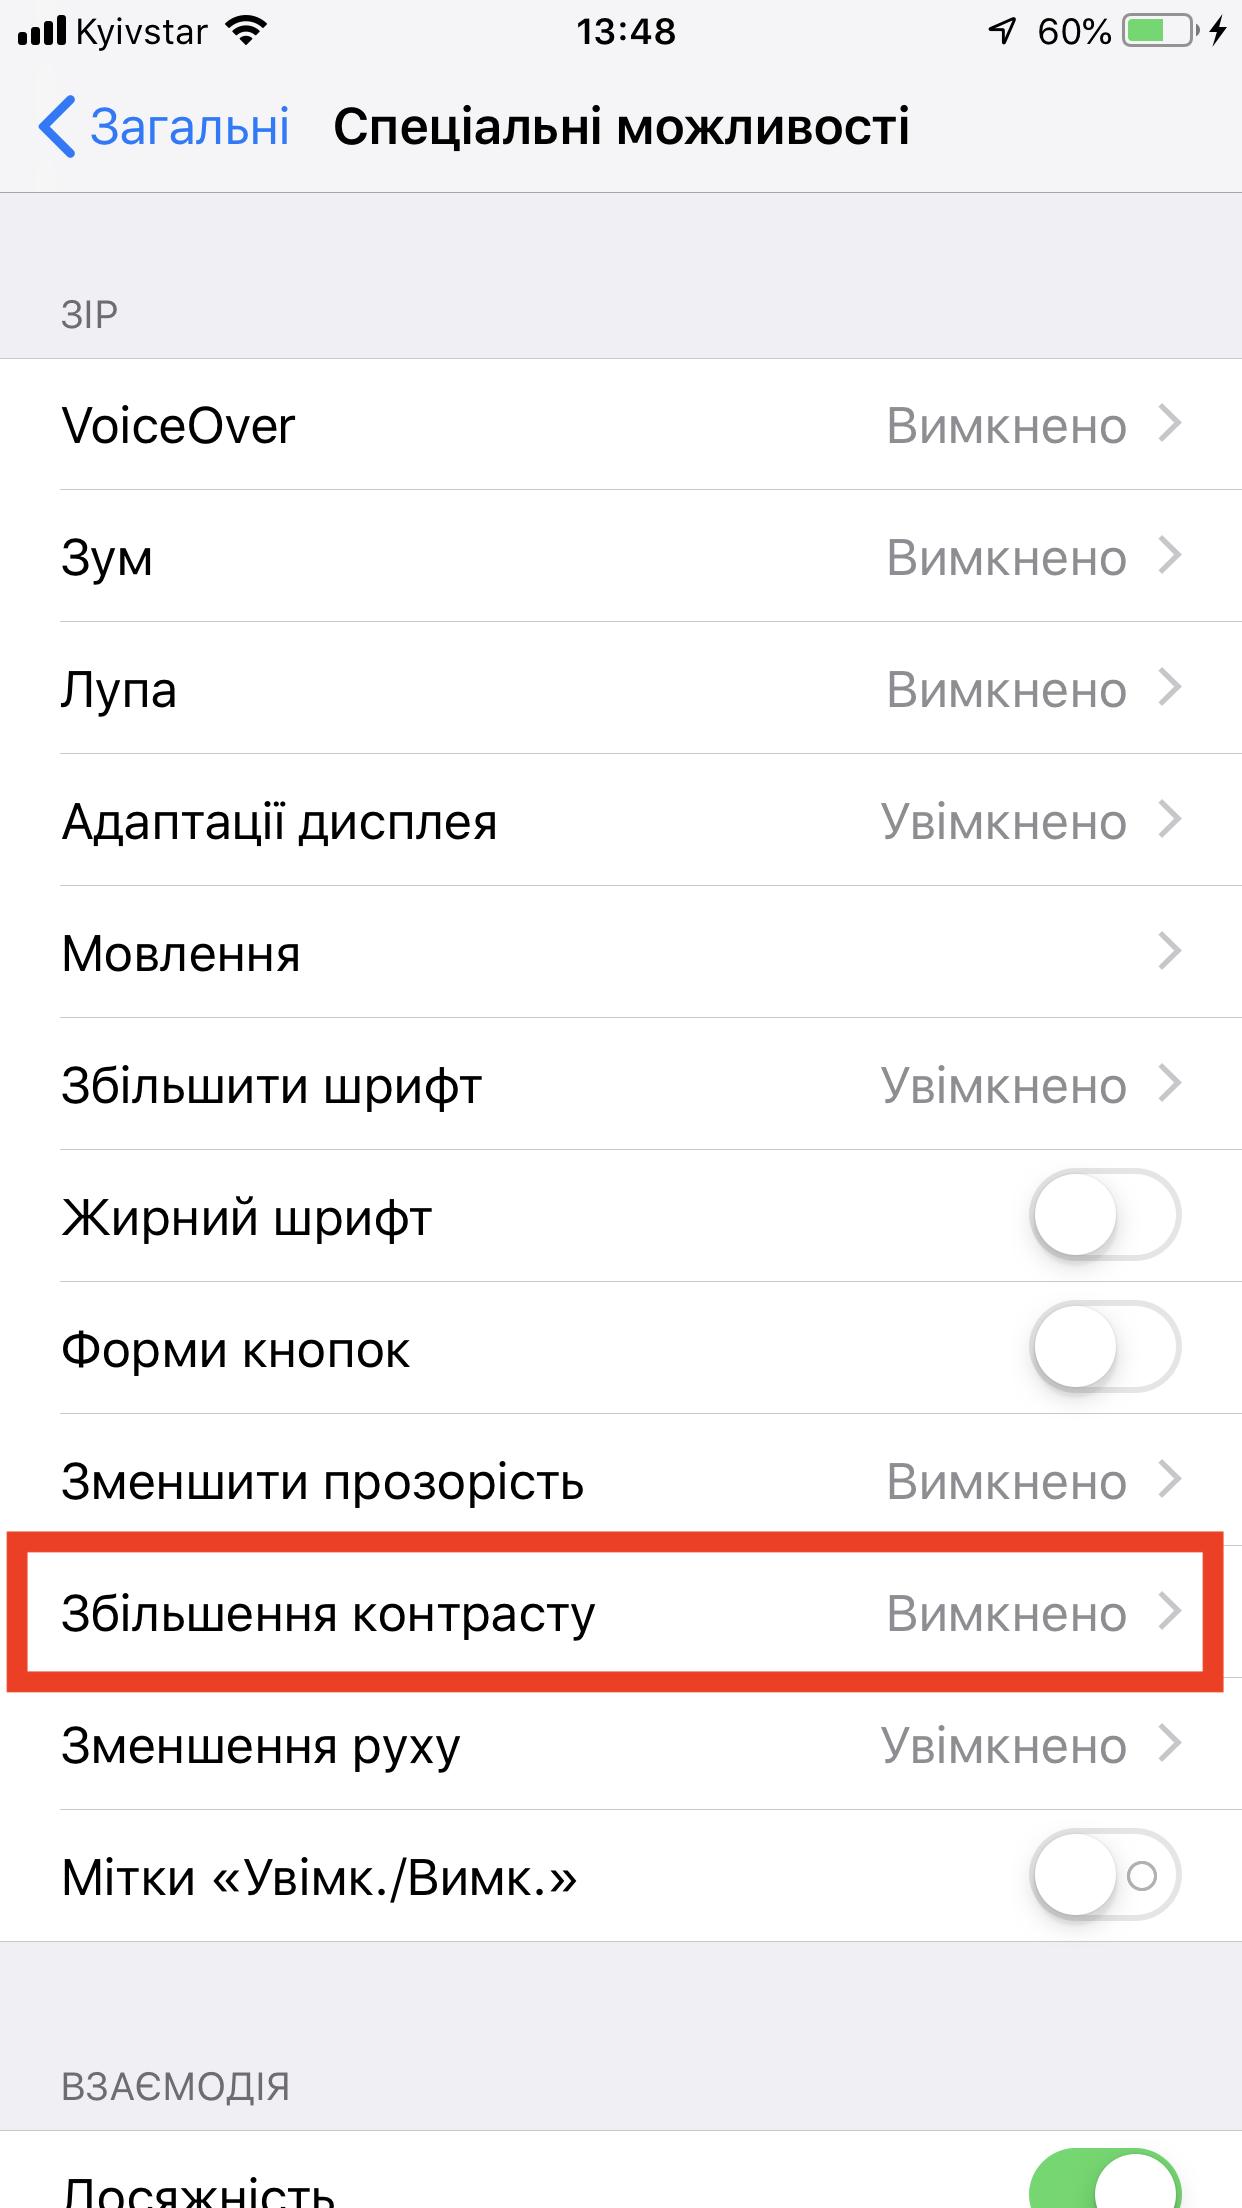 iPhone збільшення контрасту